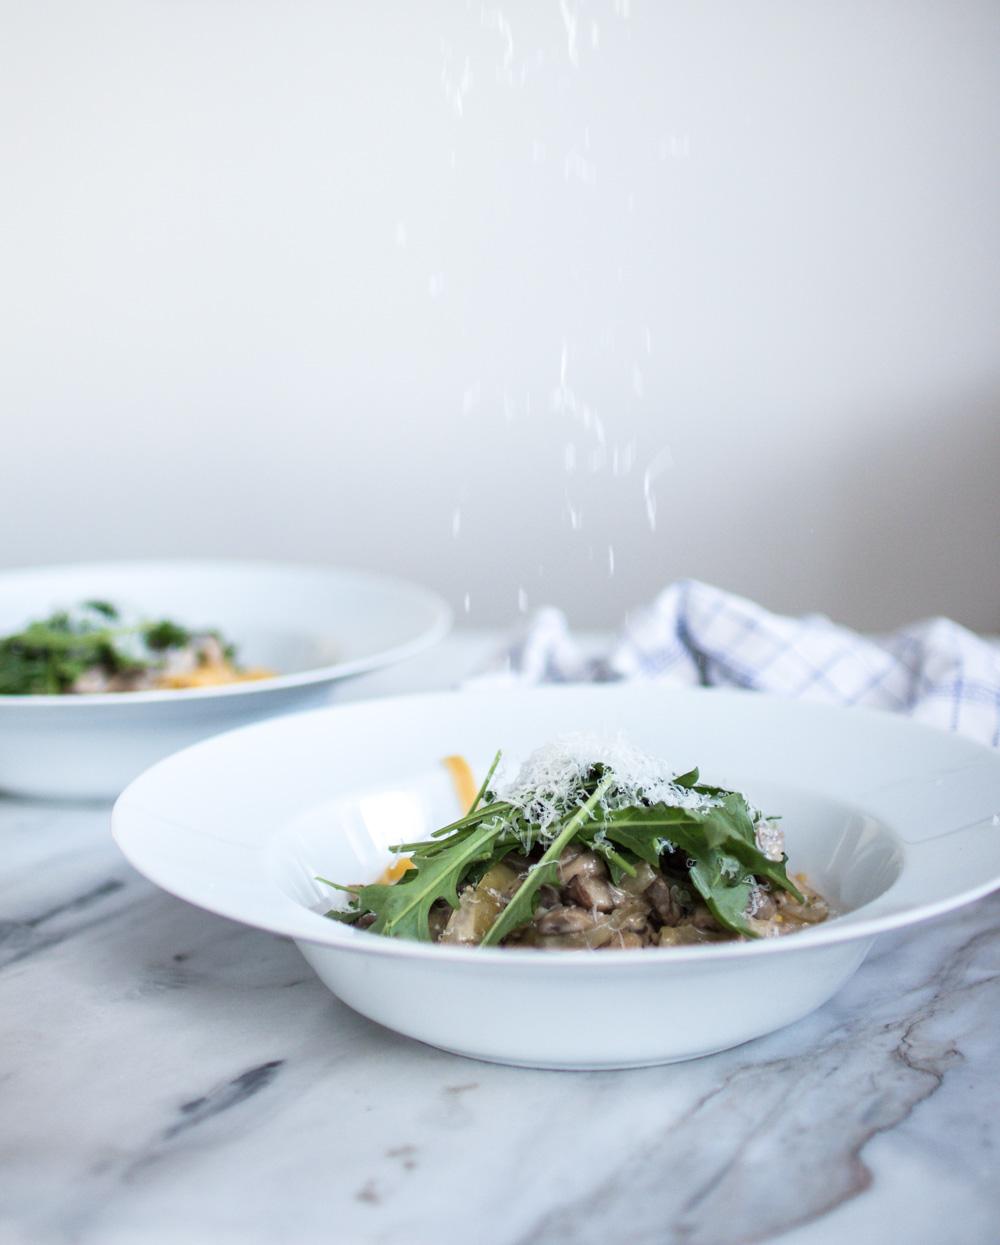 opskrift-pasta-svampe-floede-vegetar-4-of-8